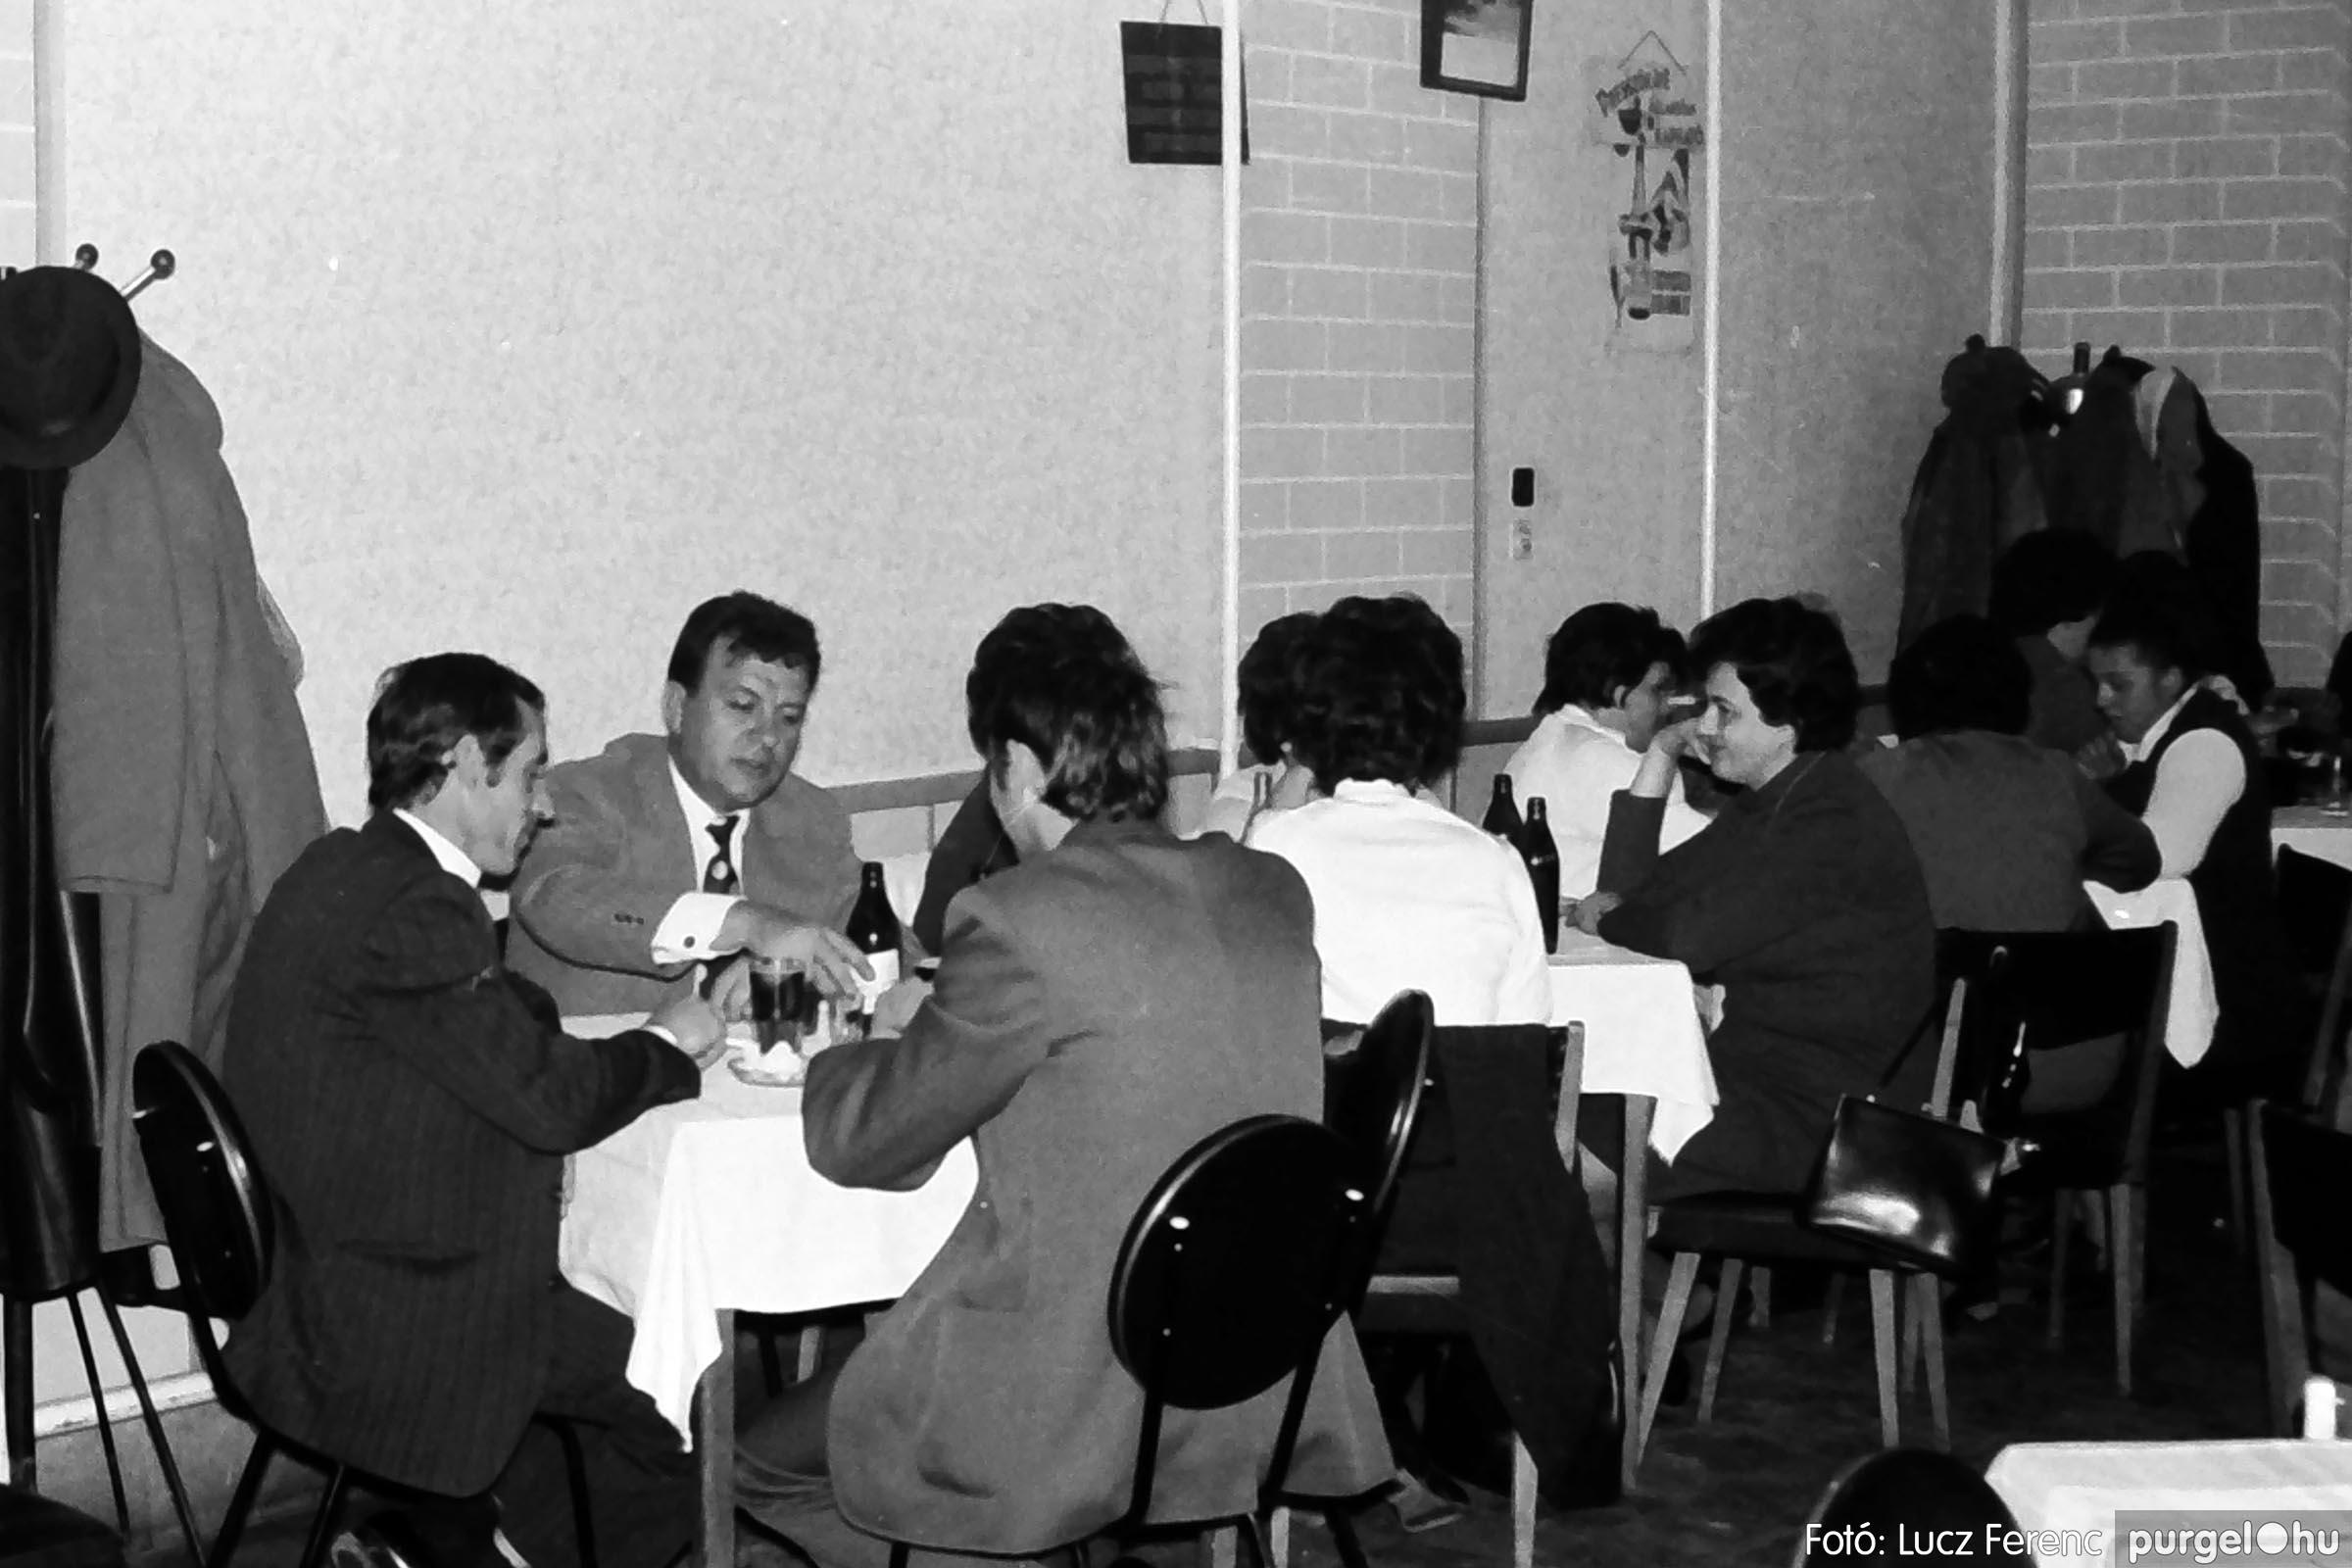 009 1975.04.04. Április 4-i ünnepség utáni fogadás a vendéglőben 004 - Fotó: Lucz Ferenc IMG00175q.jpg